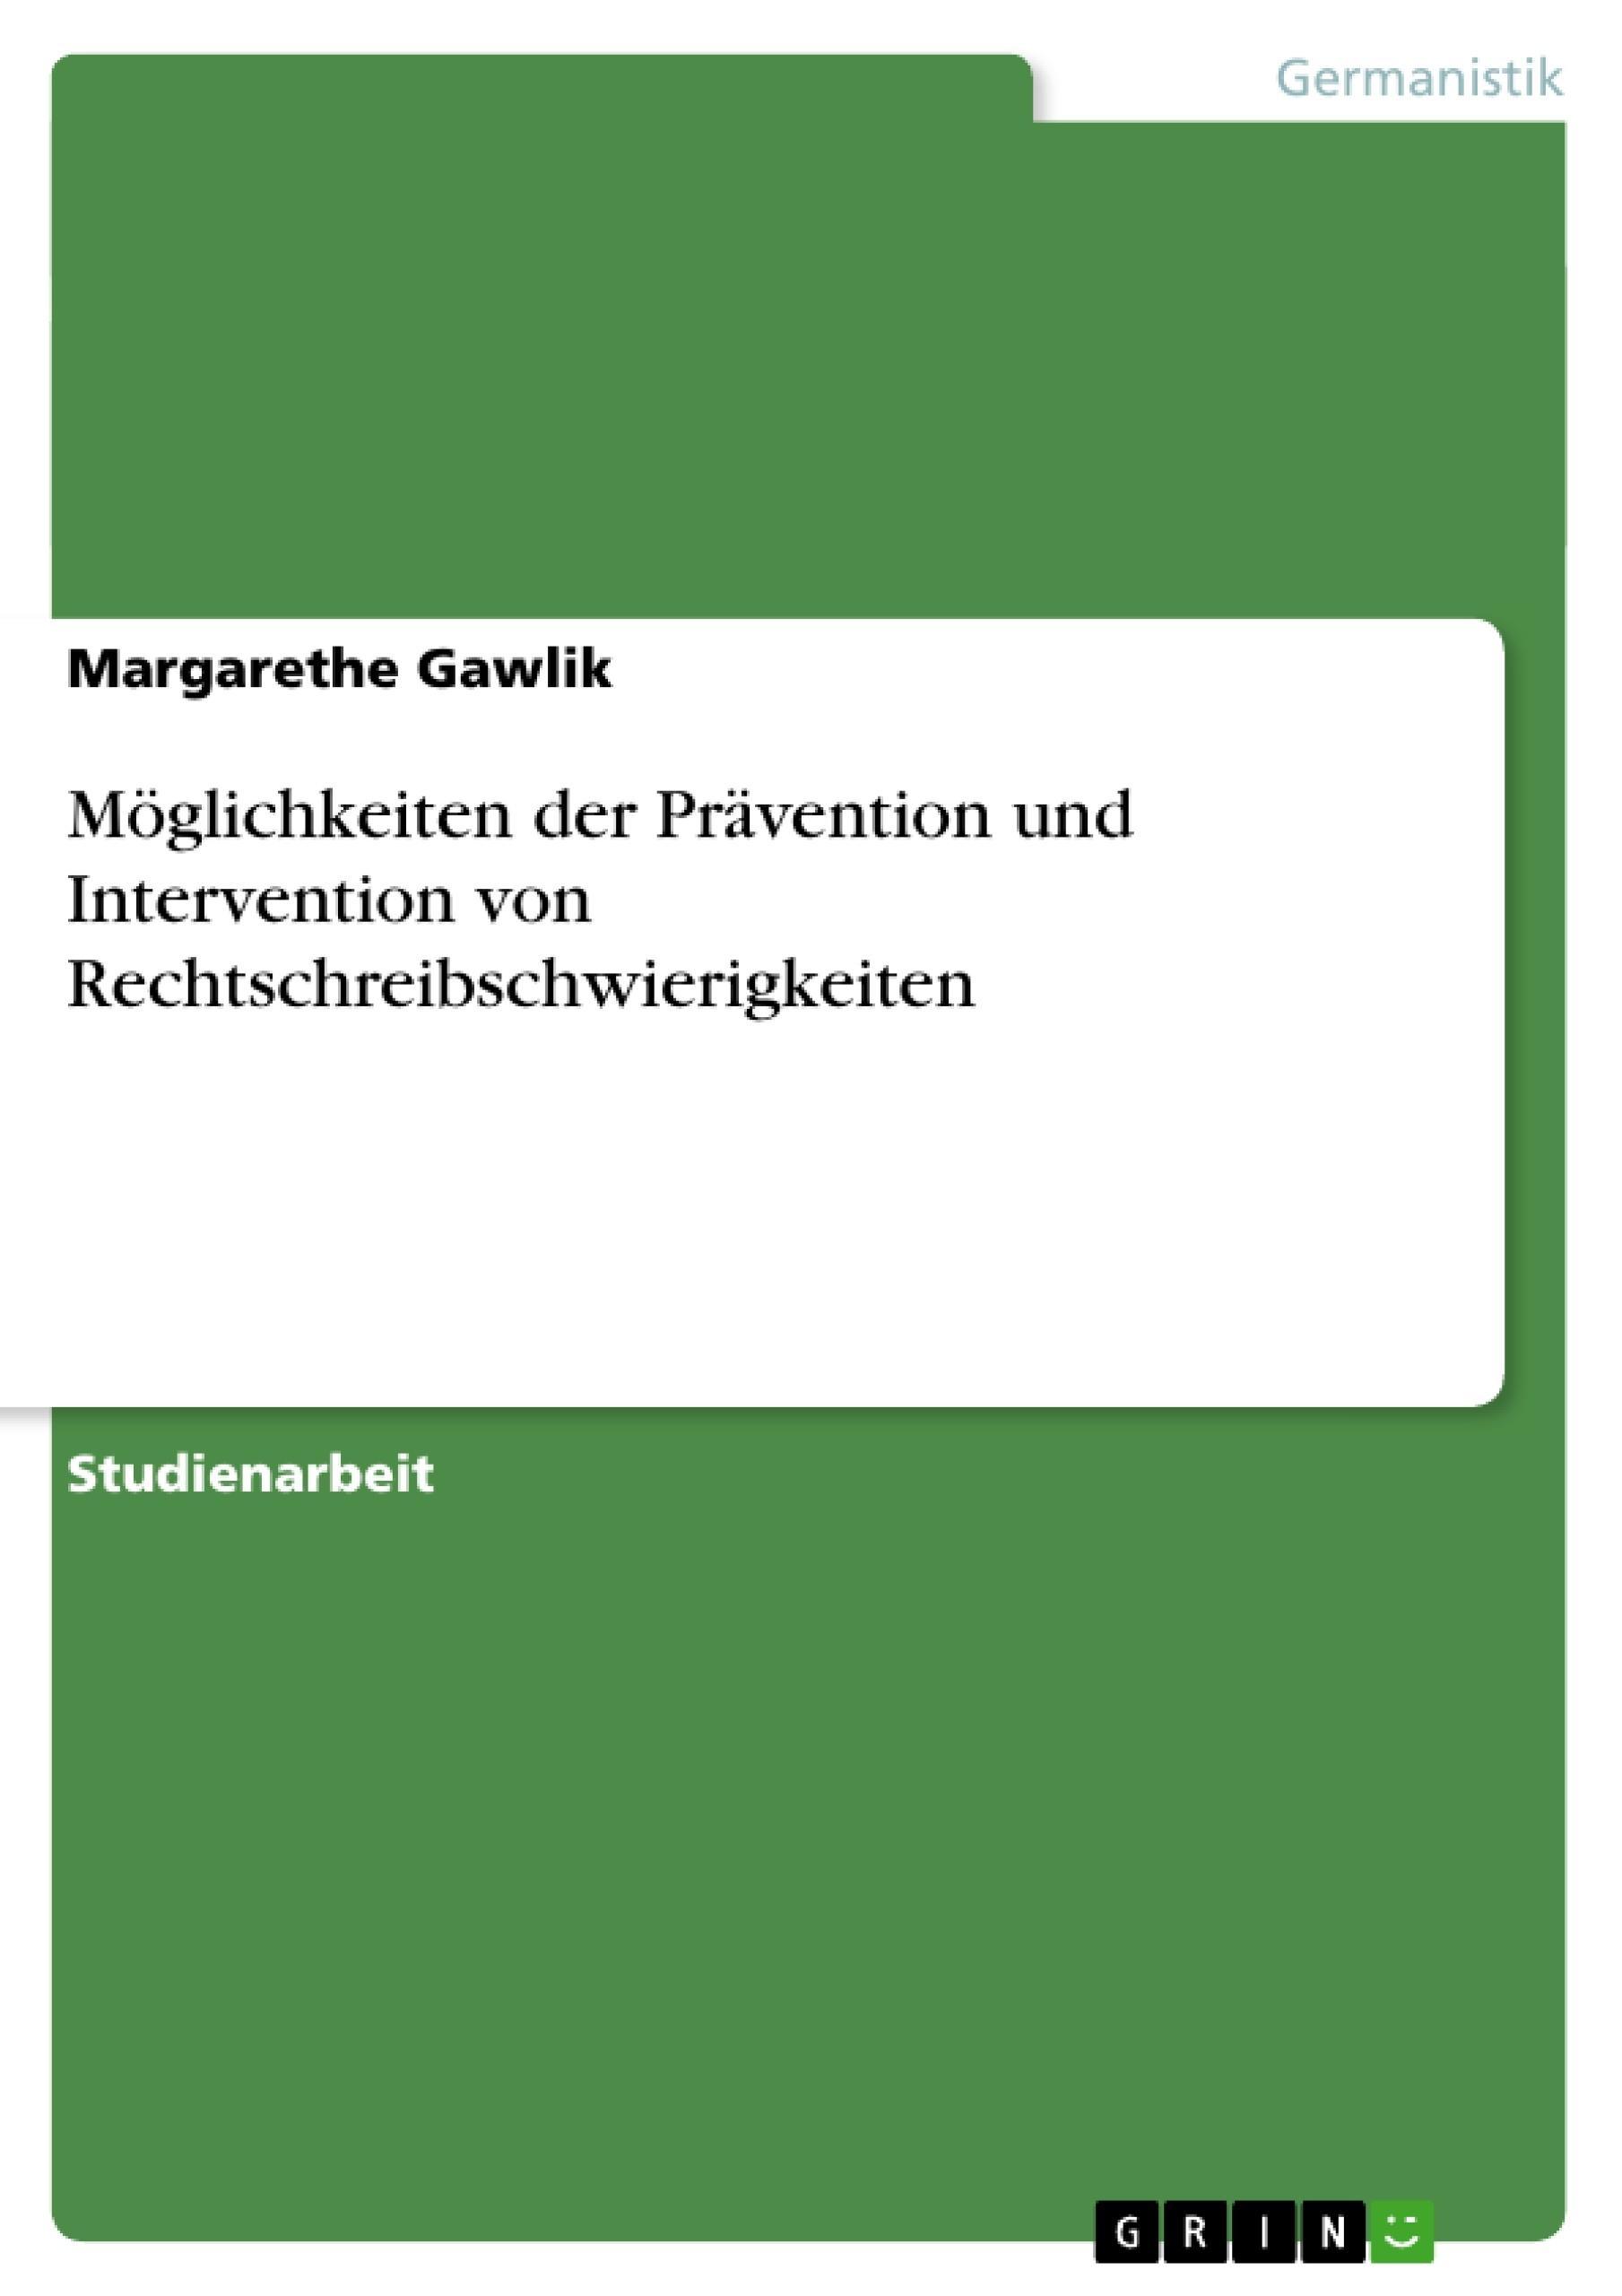 Titel: Möglichkeiten der Prävention und Intervention von Rechtschreibschwierigkeiten